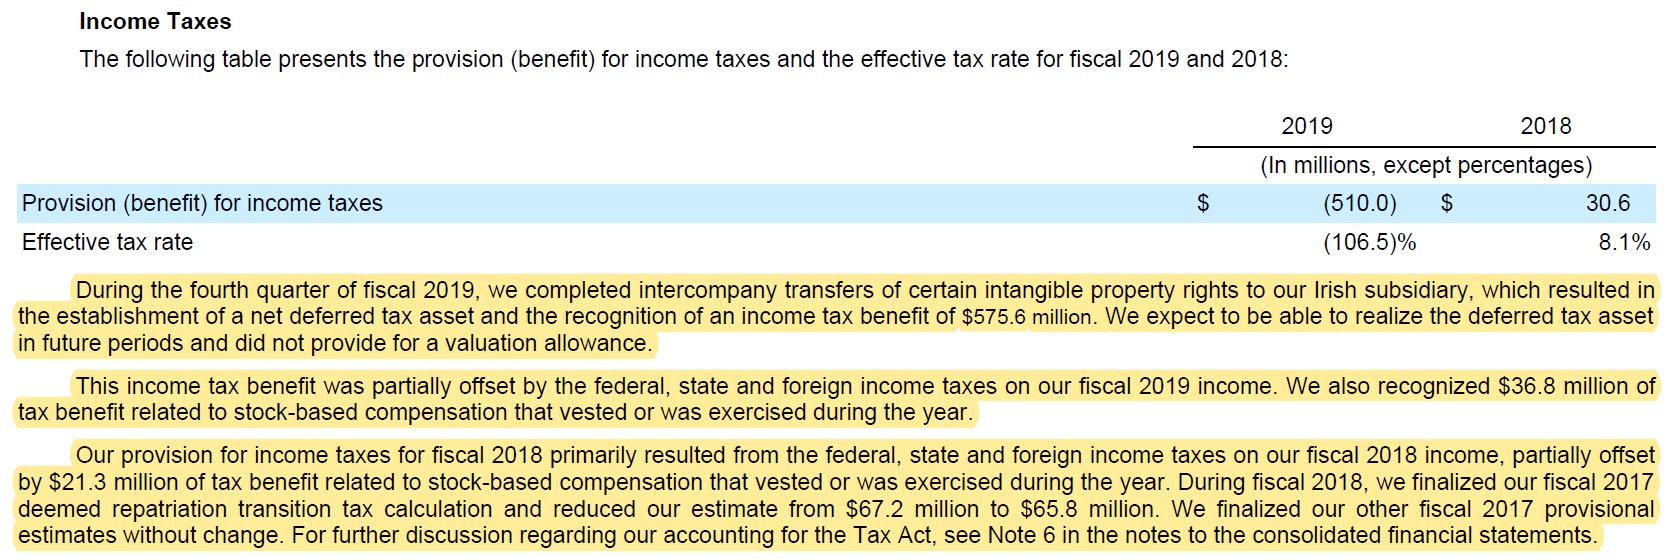 Cadence Design Systems Income Taxes Fiskaljahr 2019